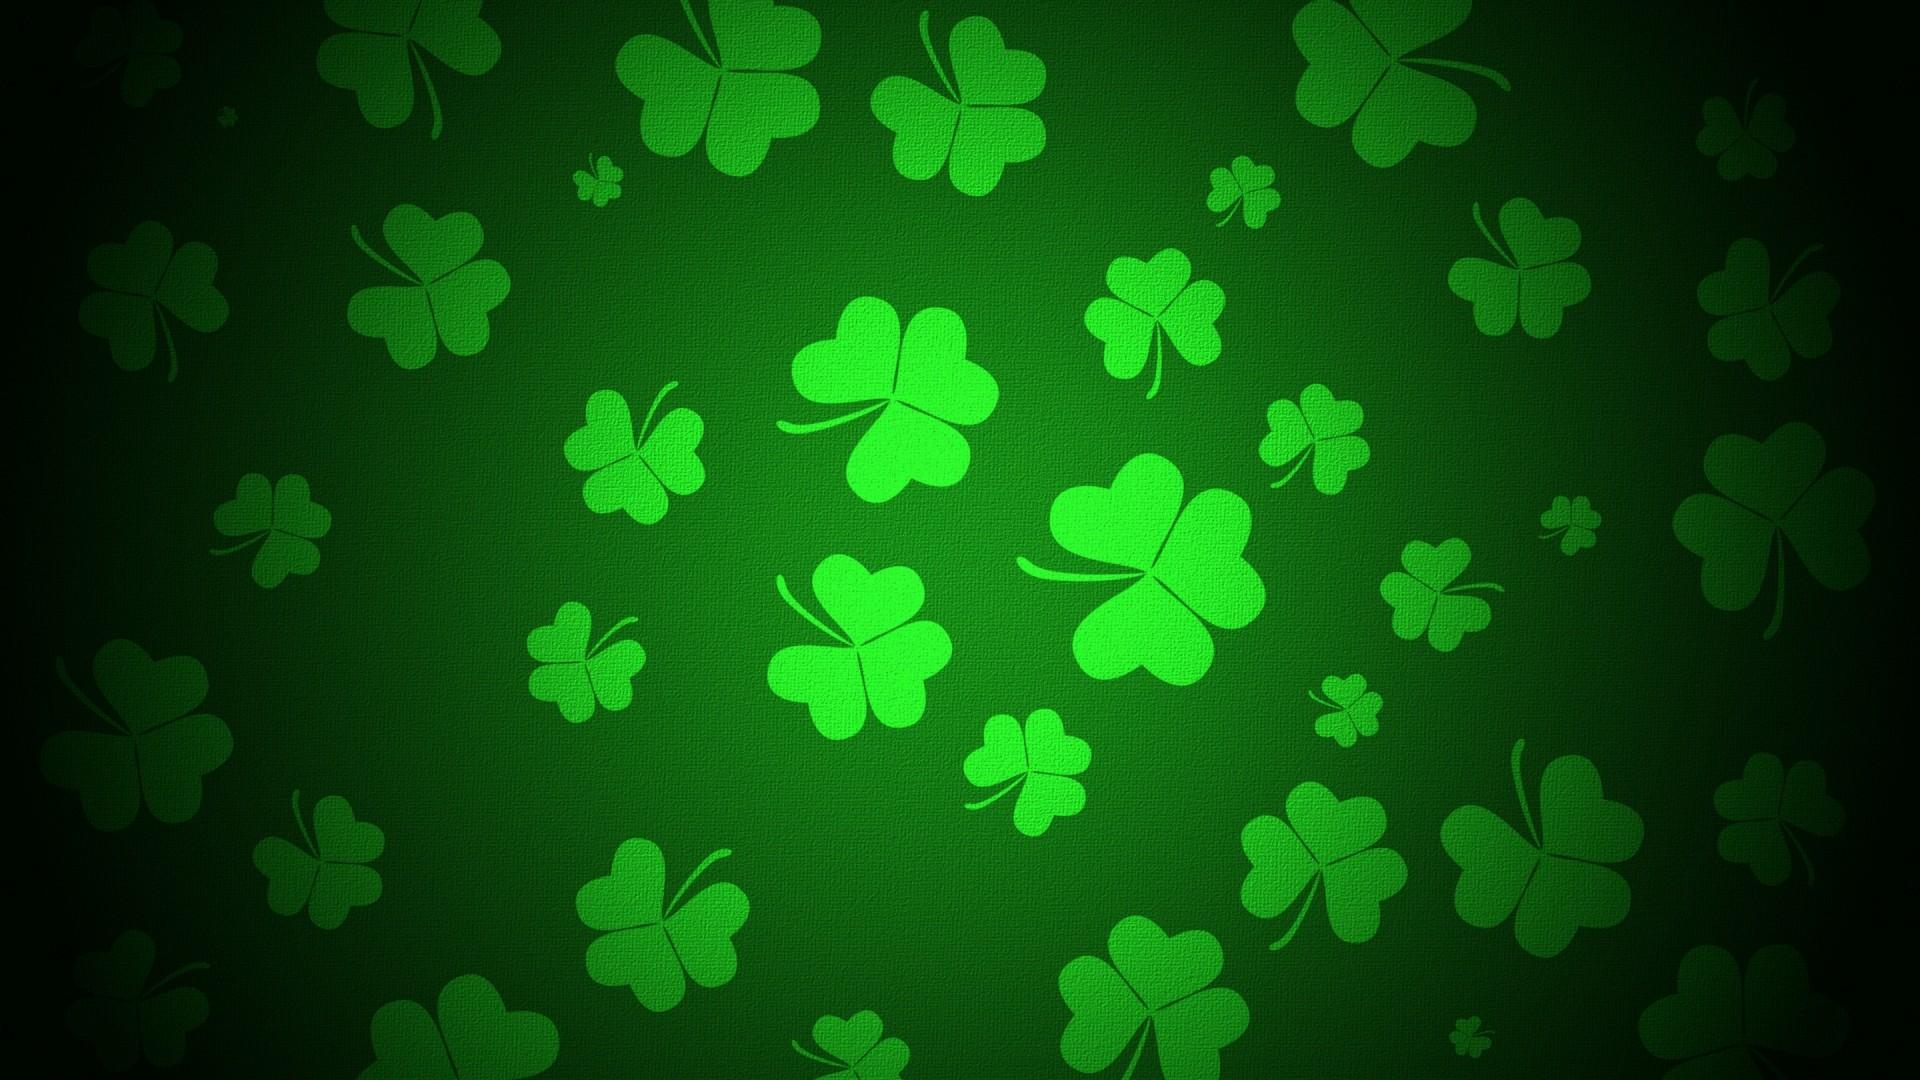 Green Clover Wallpaper